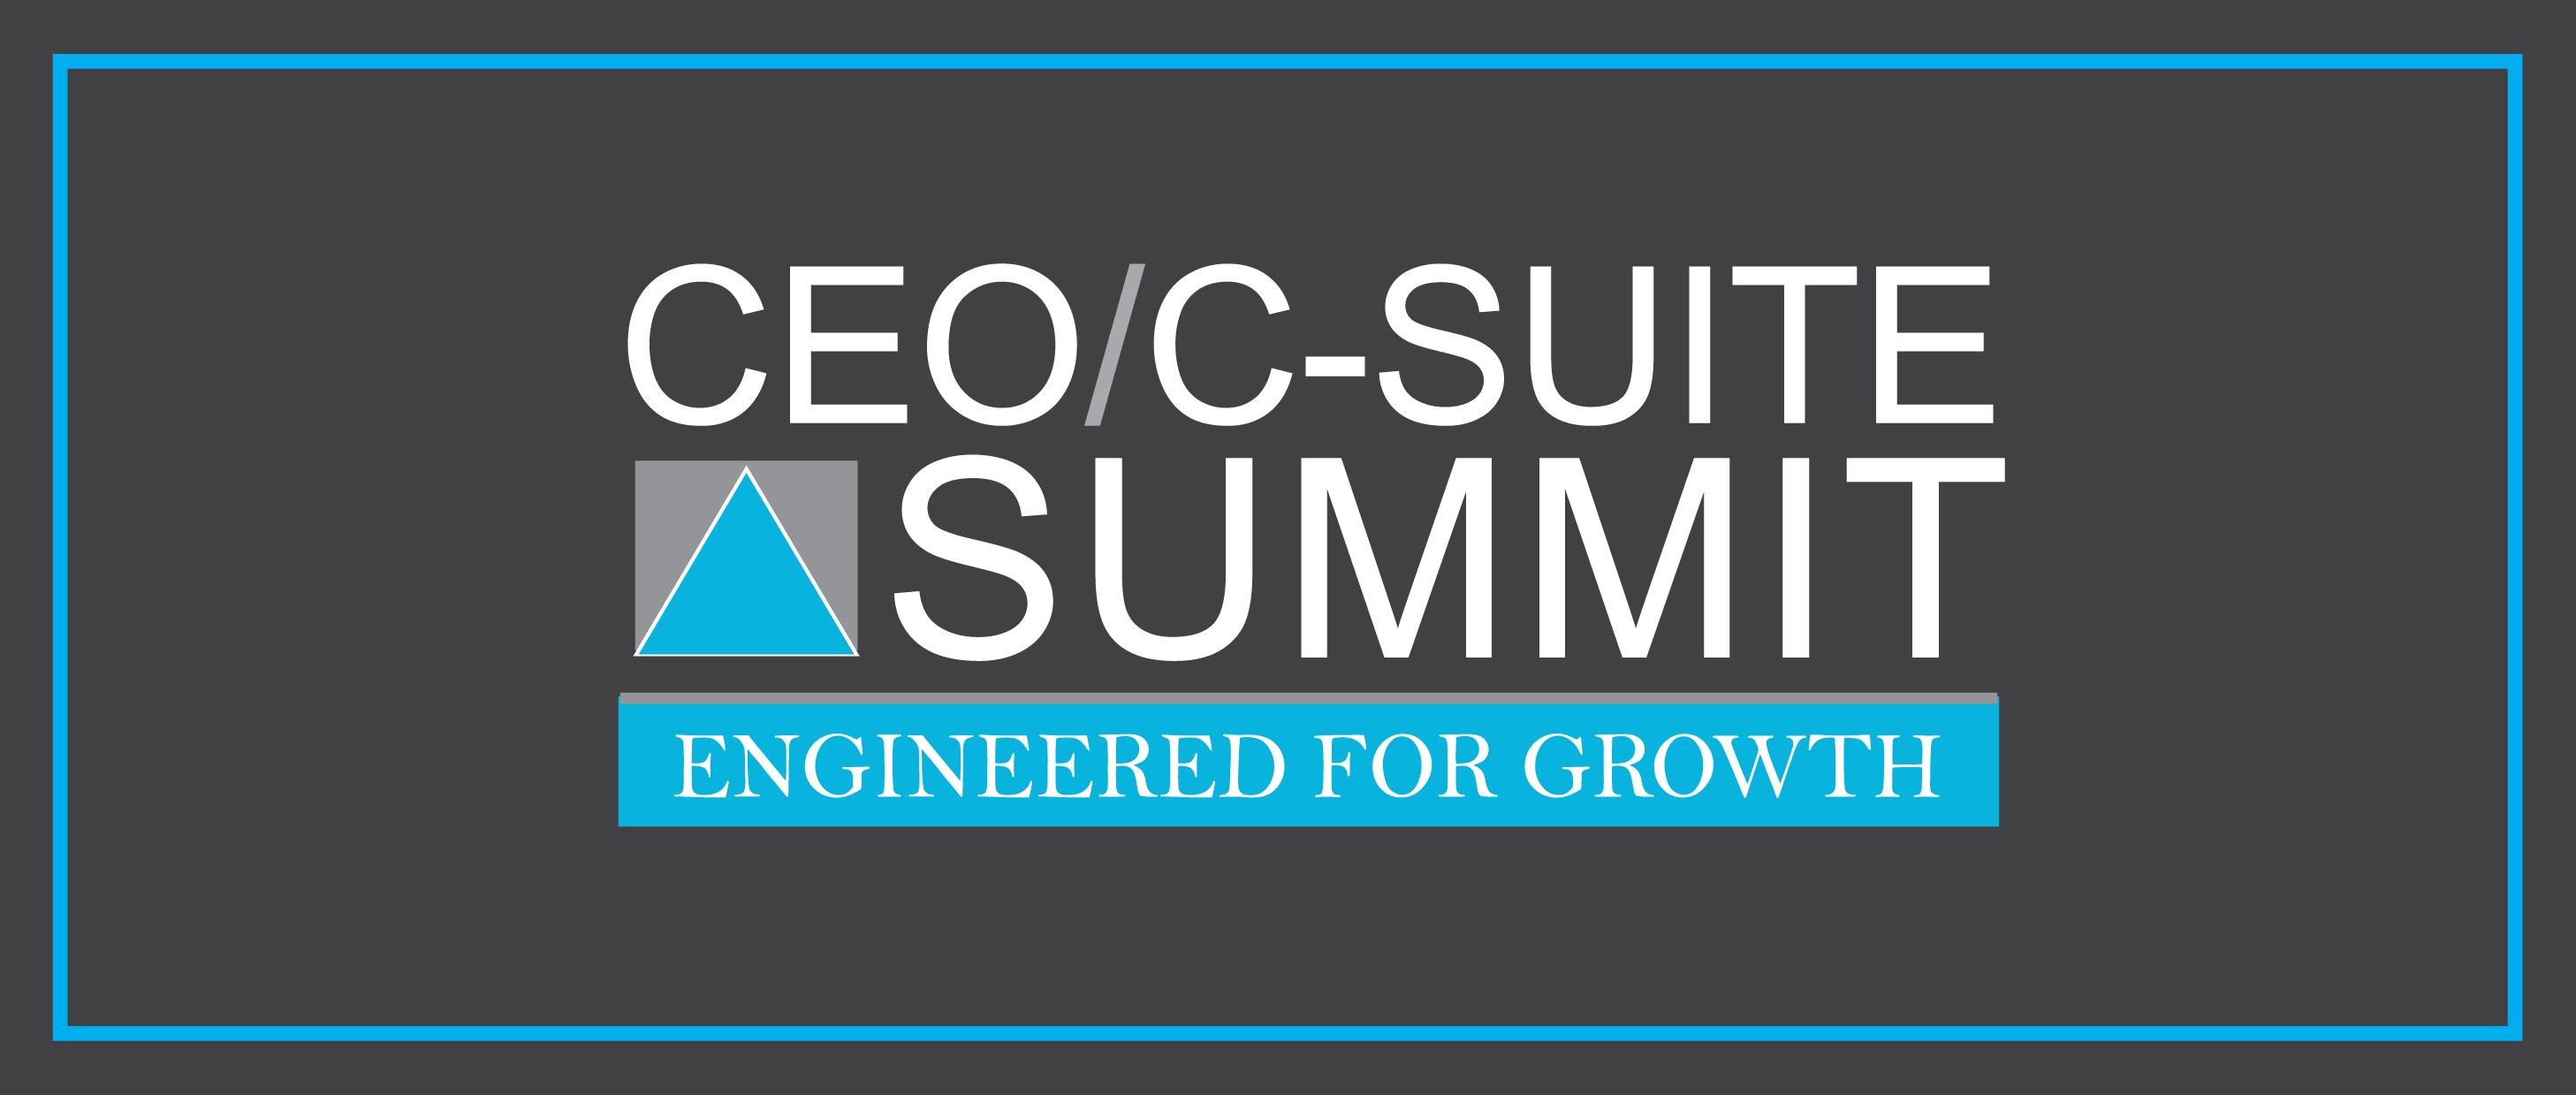 1107 -- C-Suite Summit 2017 HEADER V2